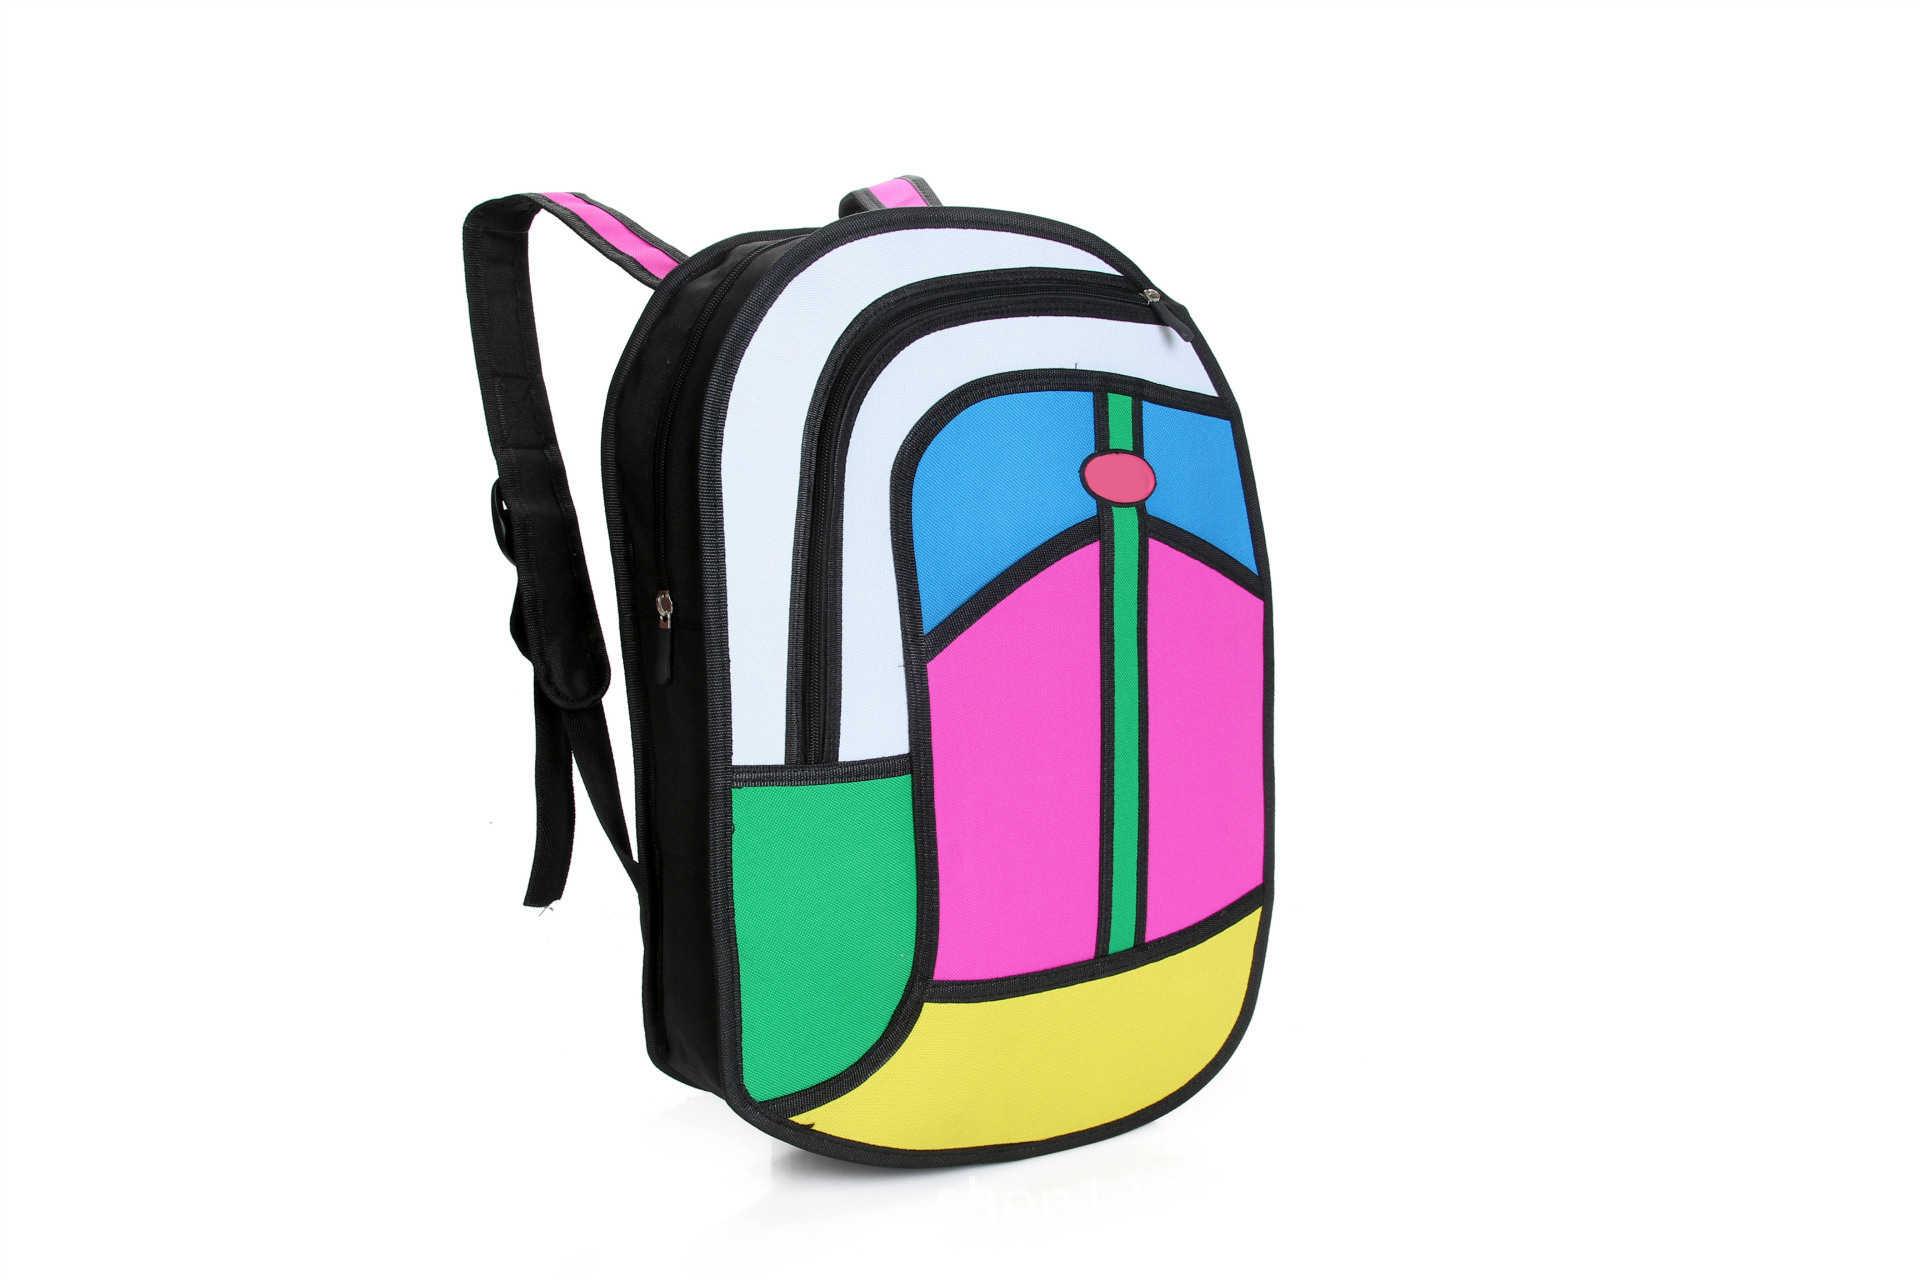 Мультяшный рюкзак в упаковке 3D стерео сумка Haversack рюкзак для мужчин и женщин взрослых подростков Творческий Забавный колледж Бесплатная Прямая поставка